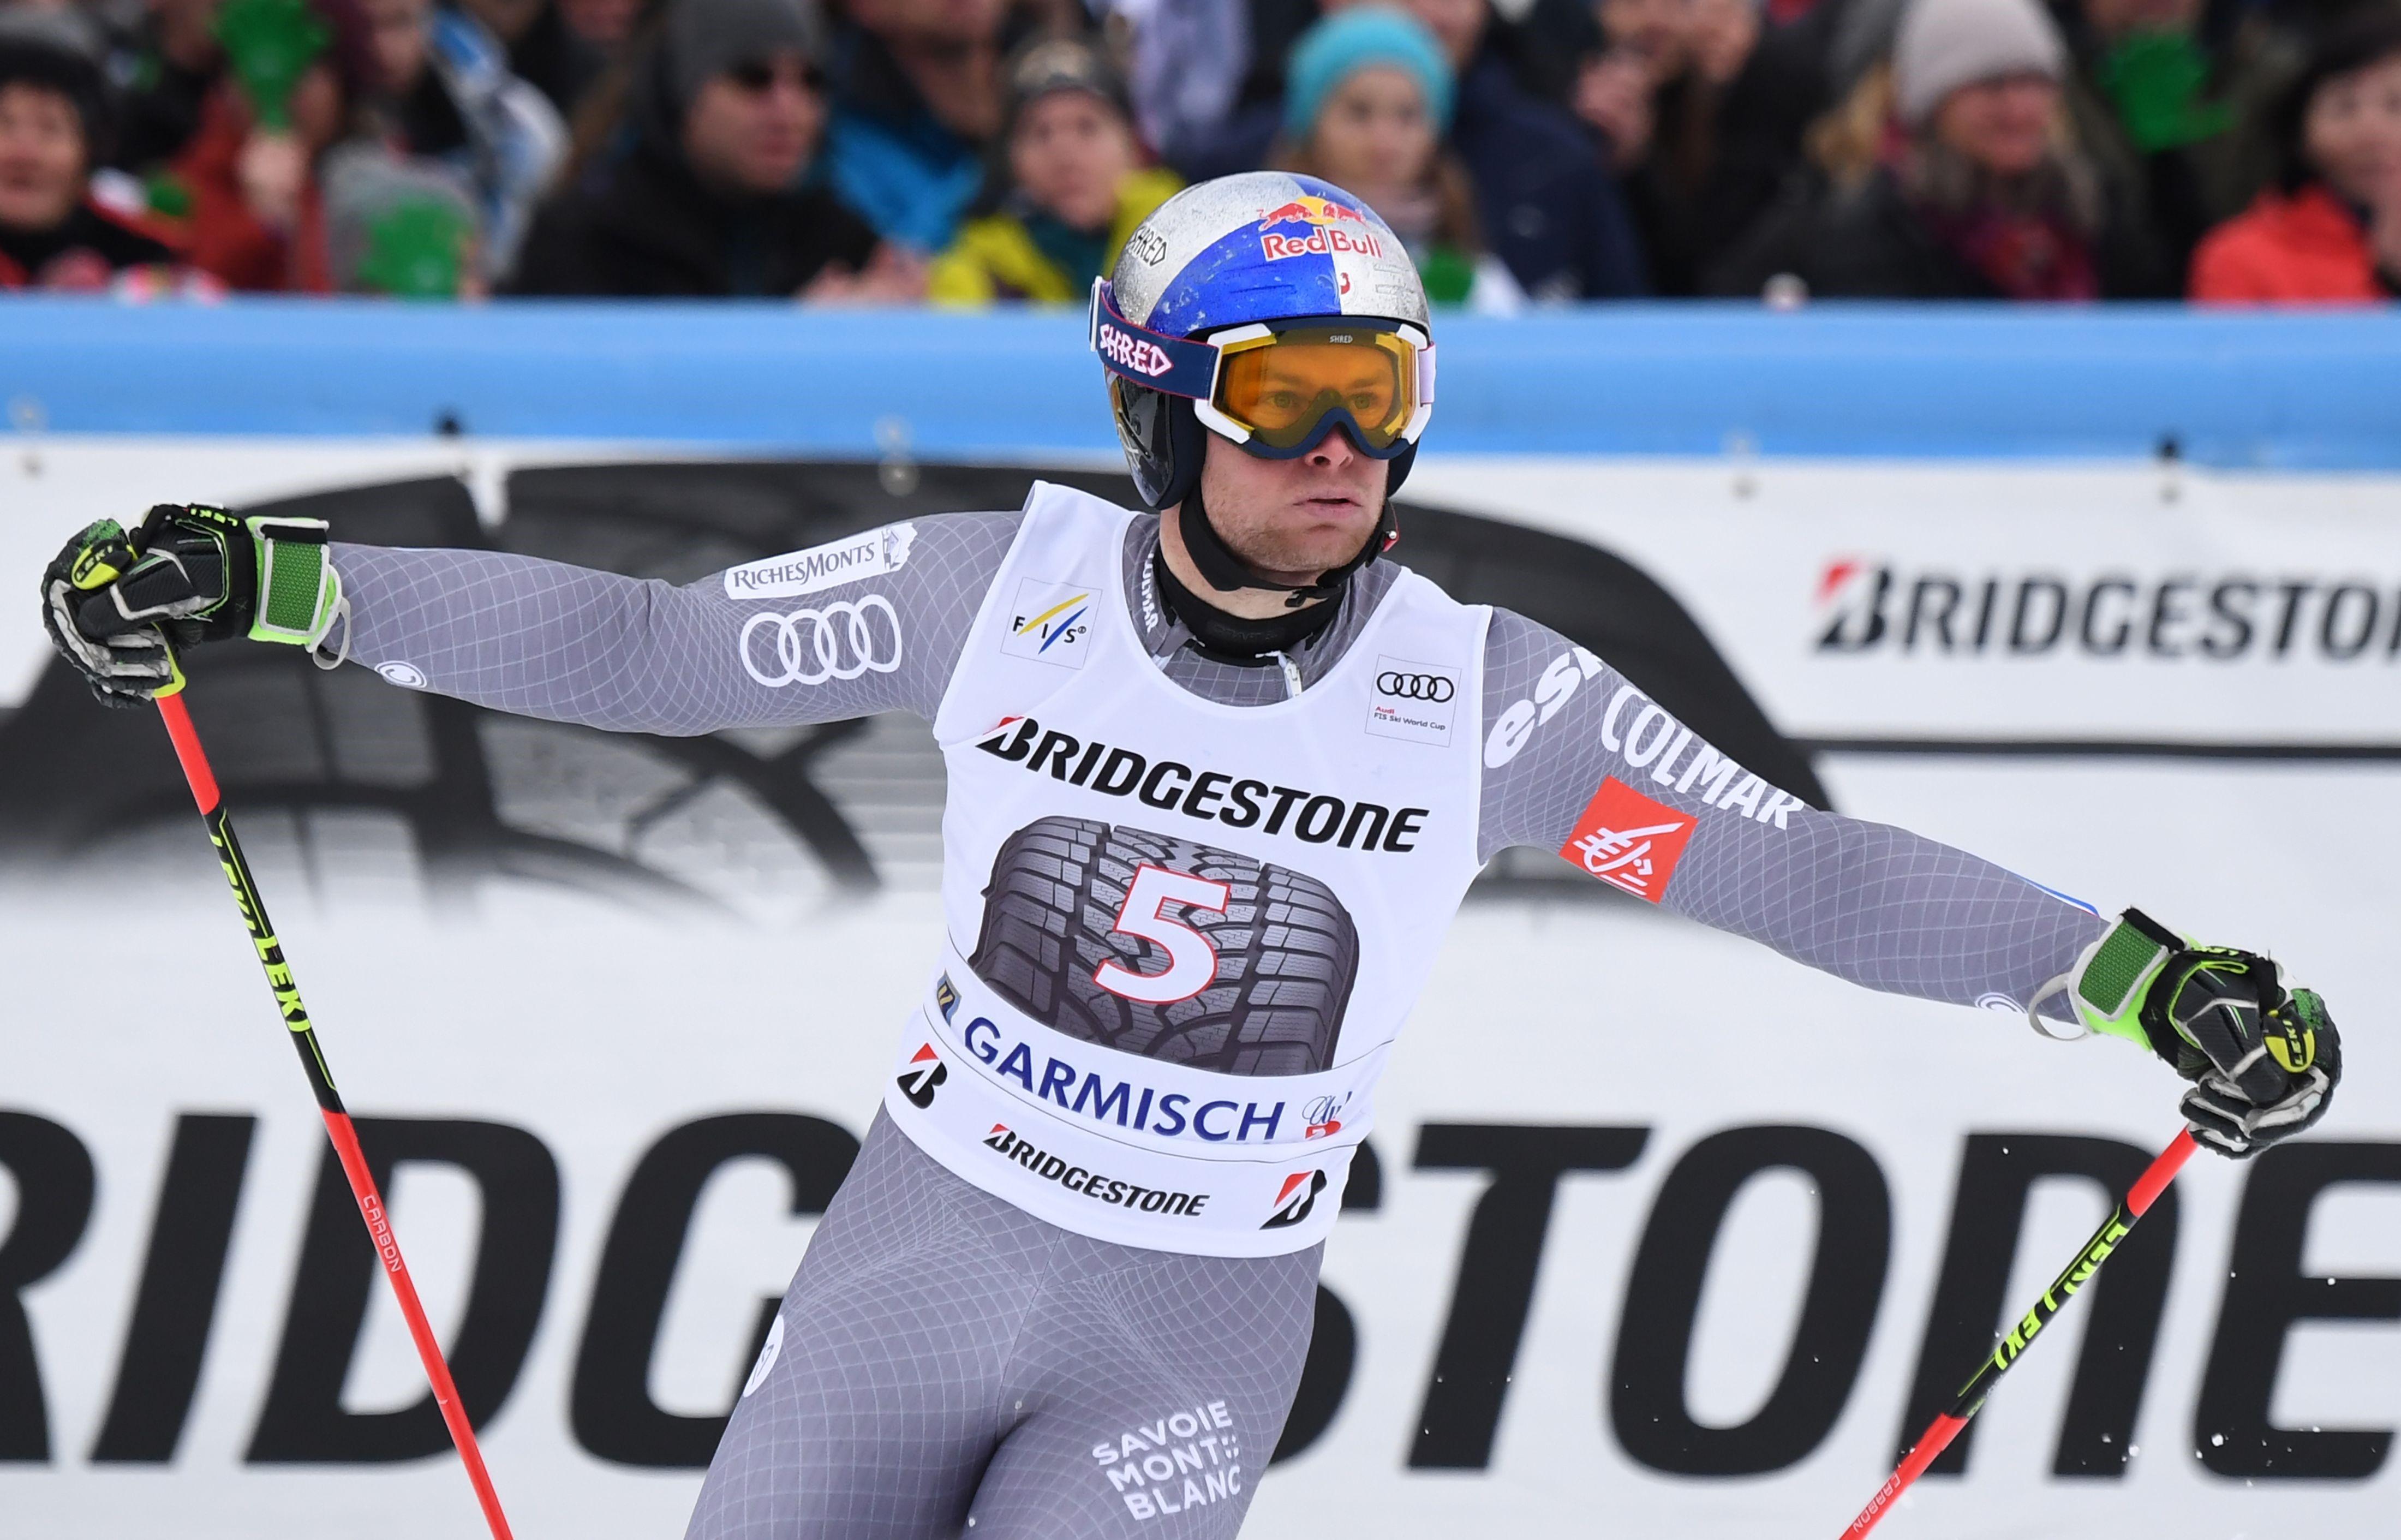 Alexis Pinturault est déçu après sa 9e place au géant de Garmisch-Partenkirchen, le 28 janvier 2018